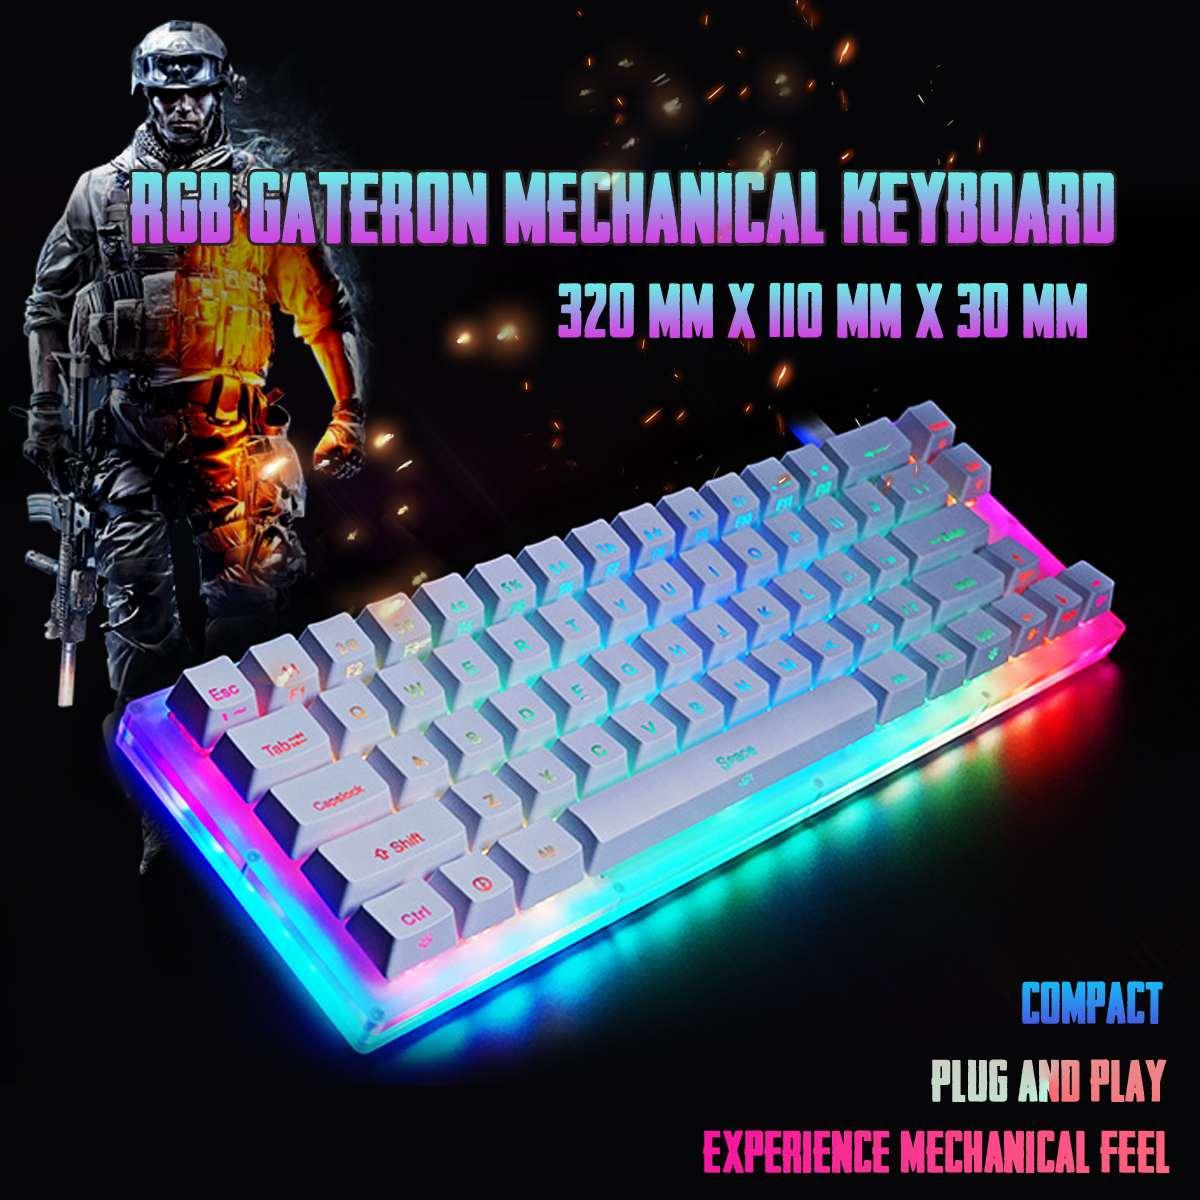 K66 Teclado mecánico esmaltado Gateron colorido 40Gbps tipo C 66 teclas 16,8 millones de teclado basado en RGB cristalino